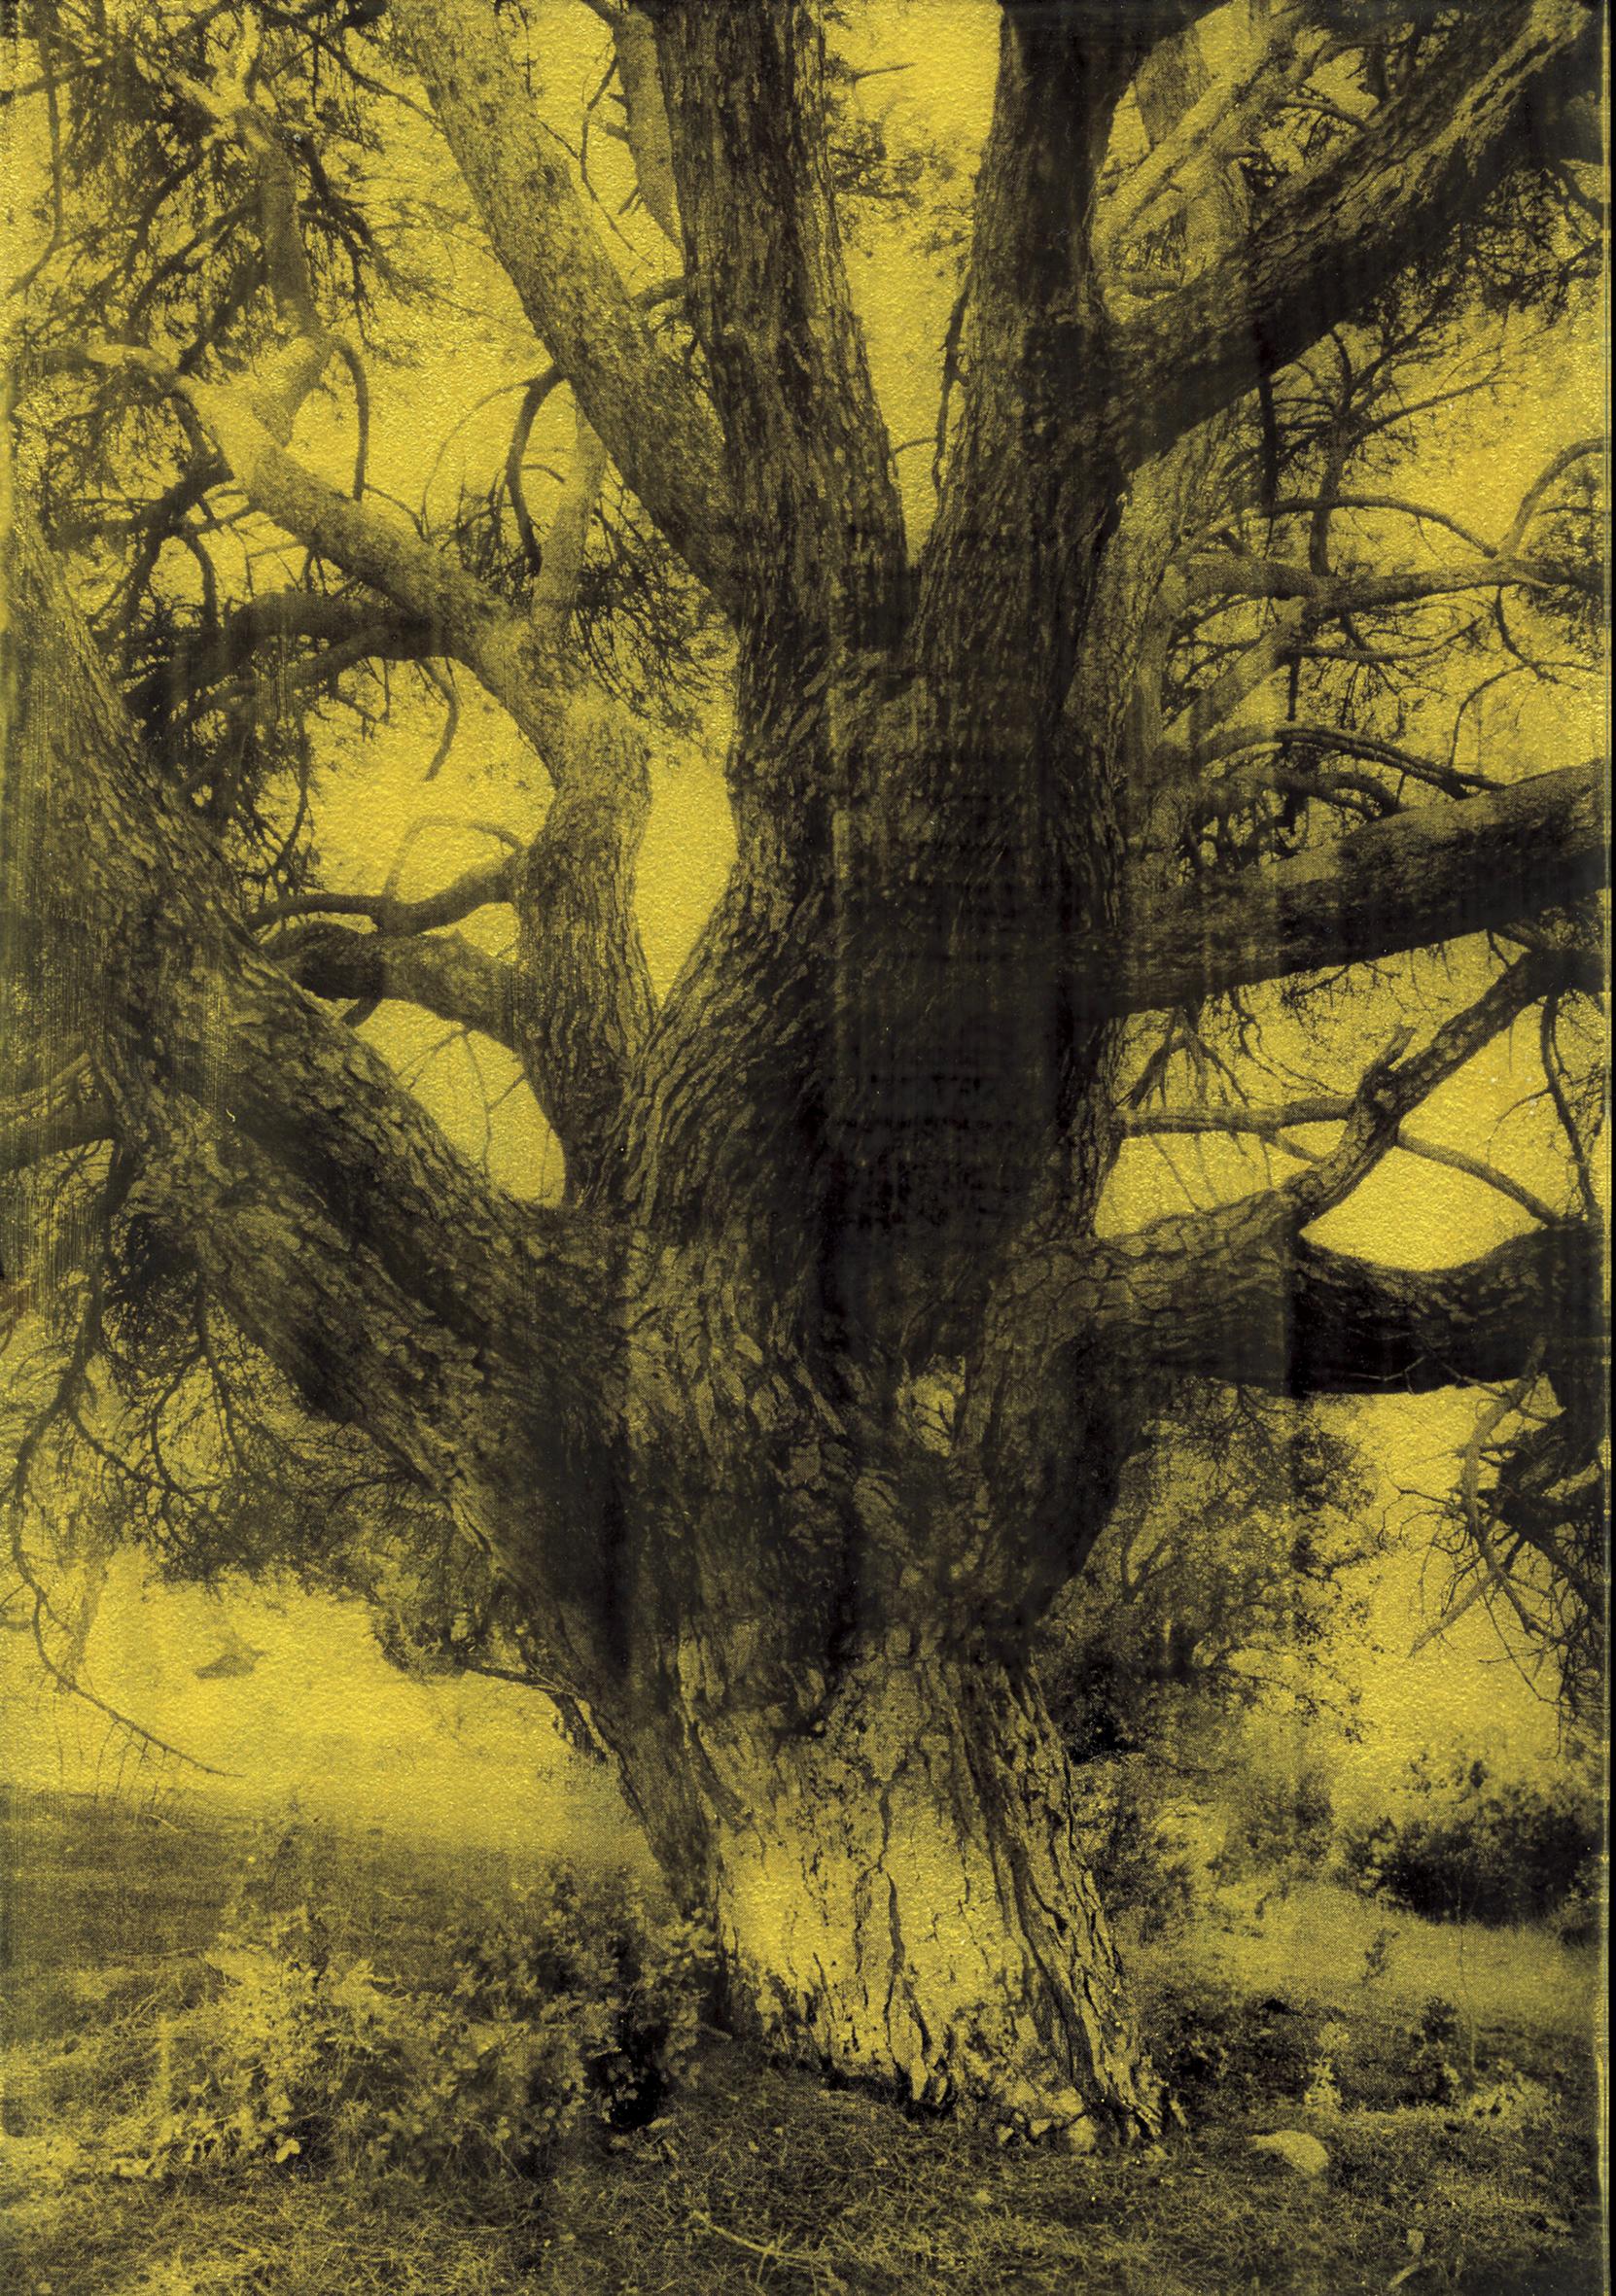 Sans titre (arbre 1), série La noche oscura 2017 – 18, tirage gelatino-argentique sur verre, peinture dorée châssis bois noir, 30 × 21 cm, pièce unique dans une édition de 3 | © Anaïs Boudot / Courtesy Galerie Binome